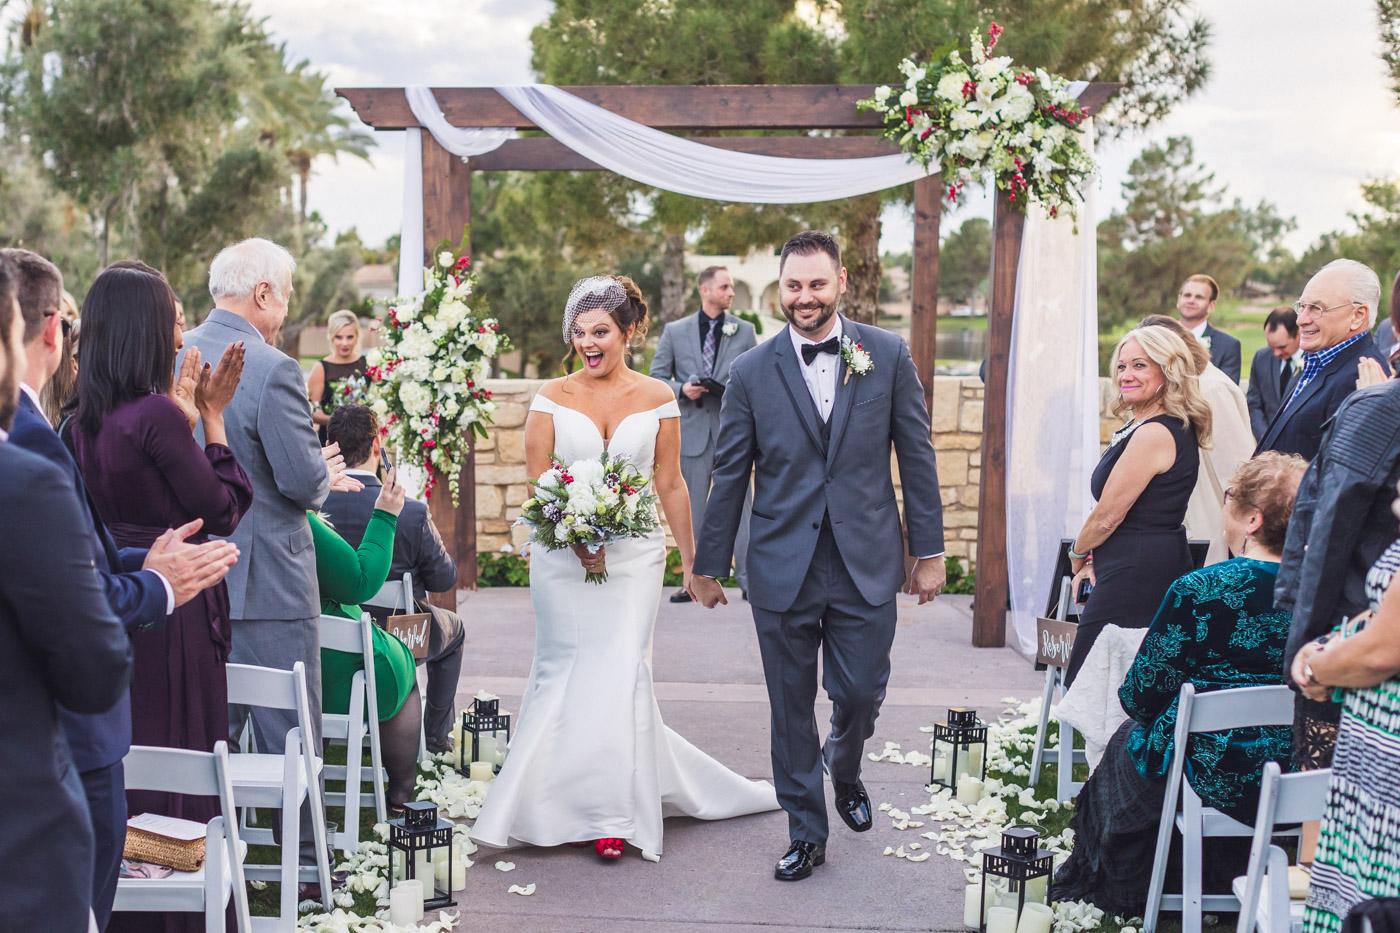 aaron-kes-photography-wedgewood-ocotillo-wedding-16.jpg